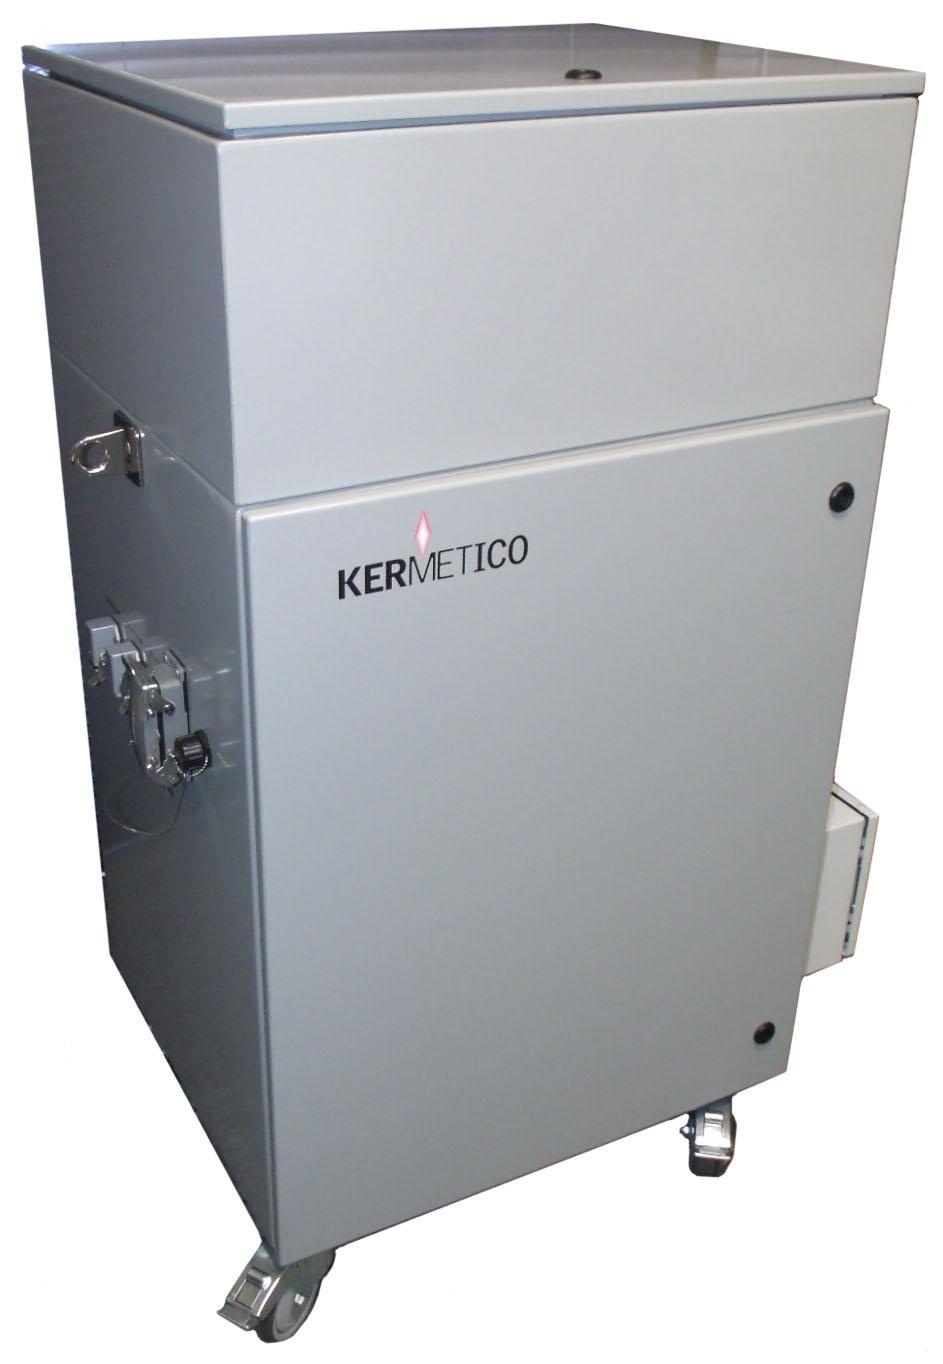 The Kermetico HVAF & HVOF System Controller